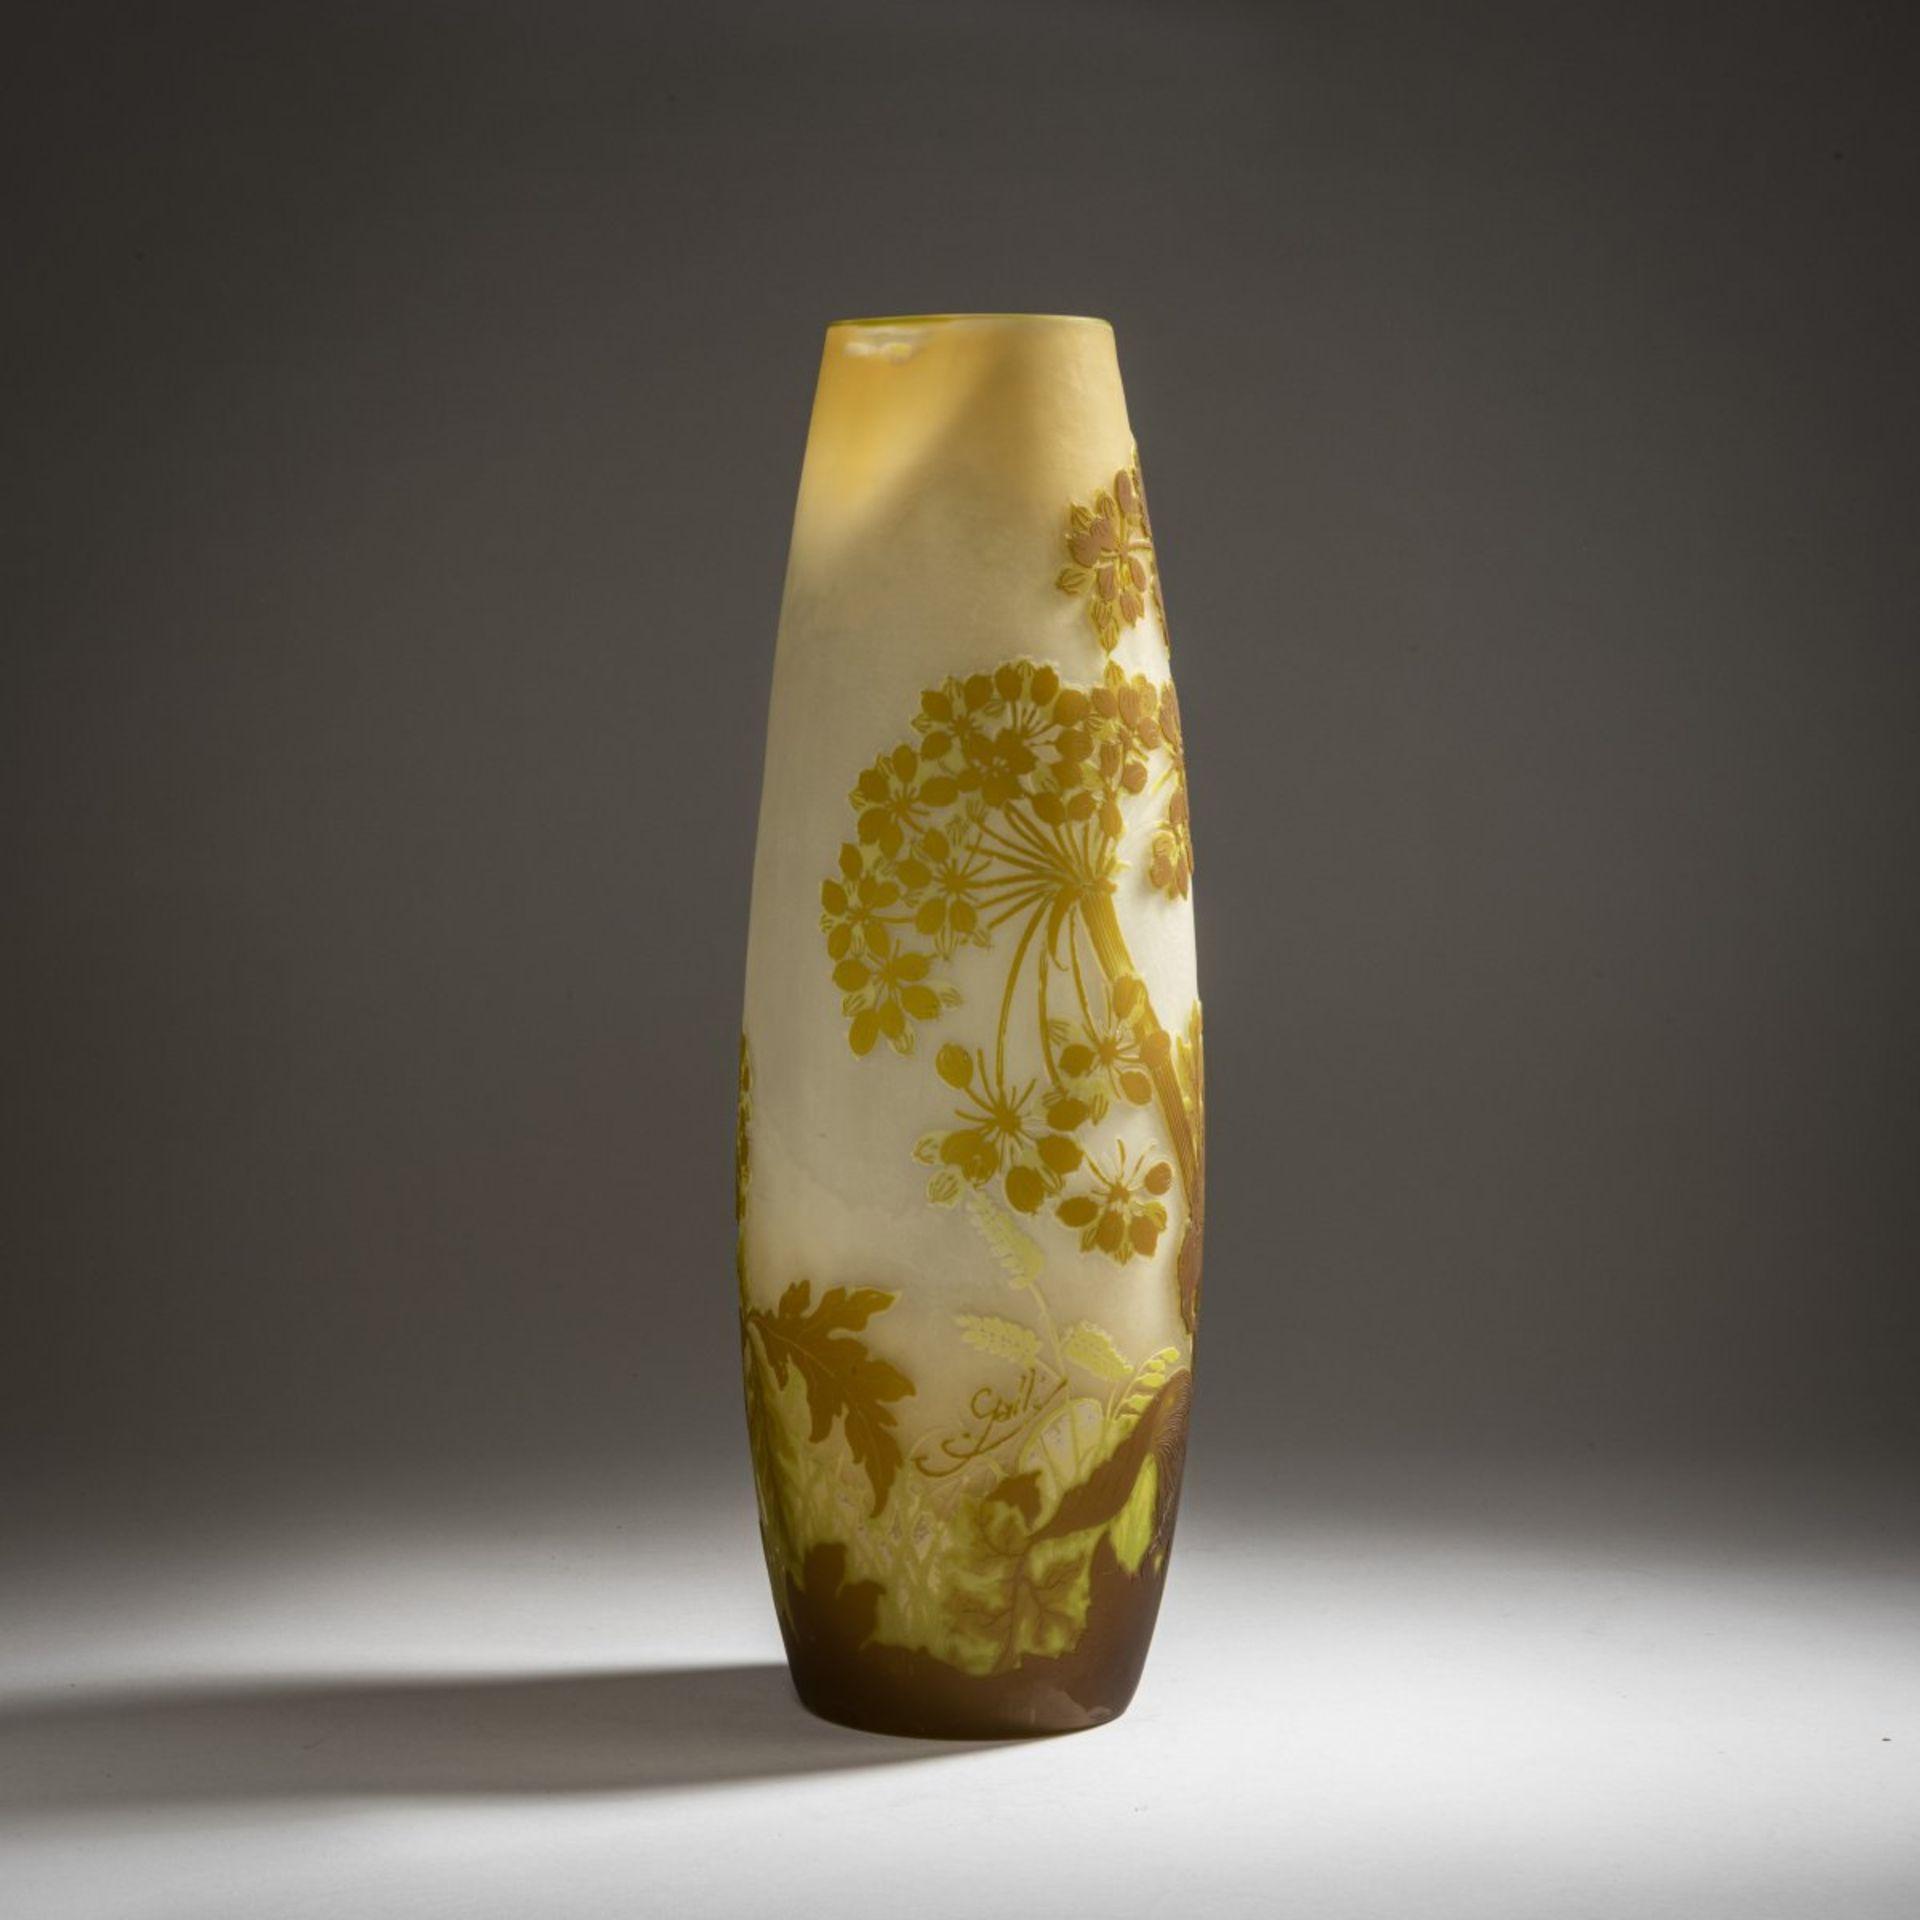 Emile Gallé, Nancy, Vase 'Ombelles', 1902-04